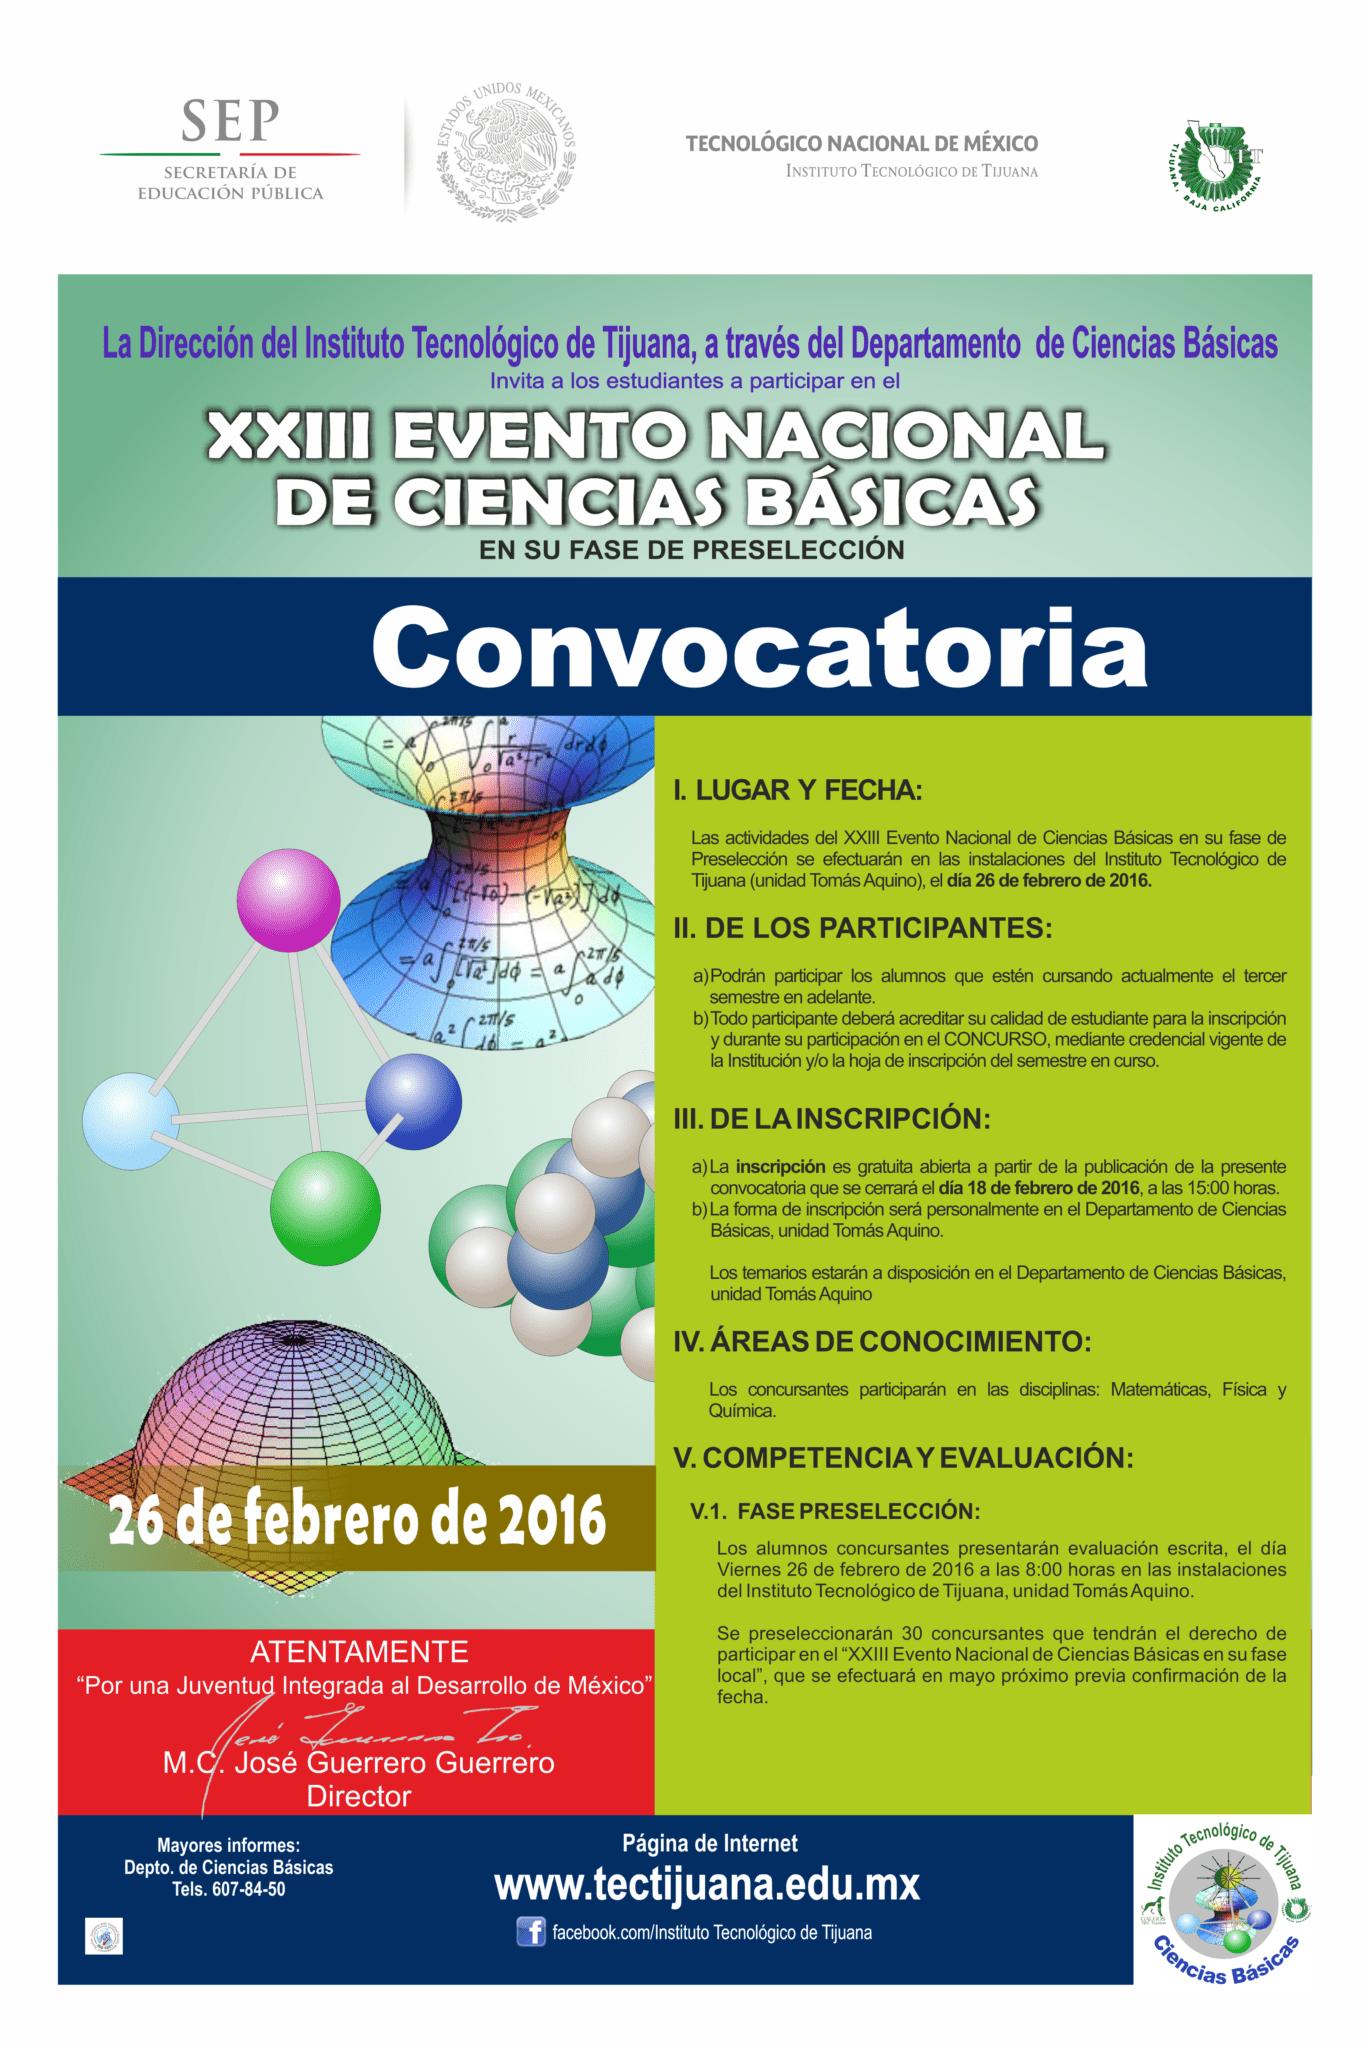 CONVOCATORIA XXIII Evevto Nacional de Ciencias Basicas